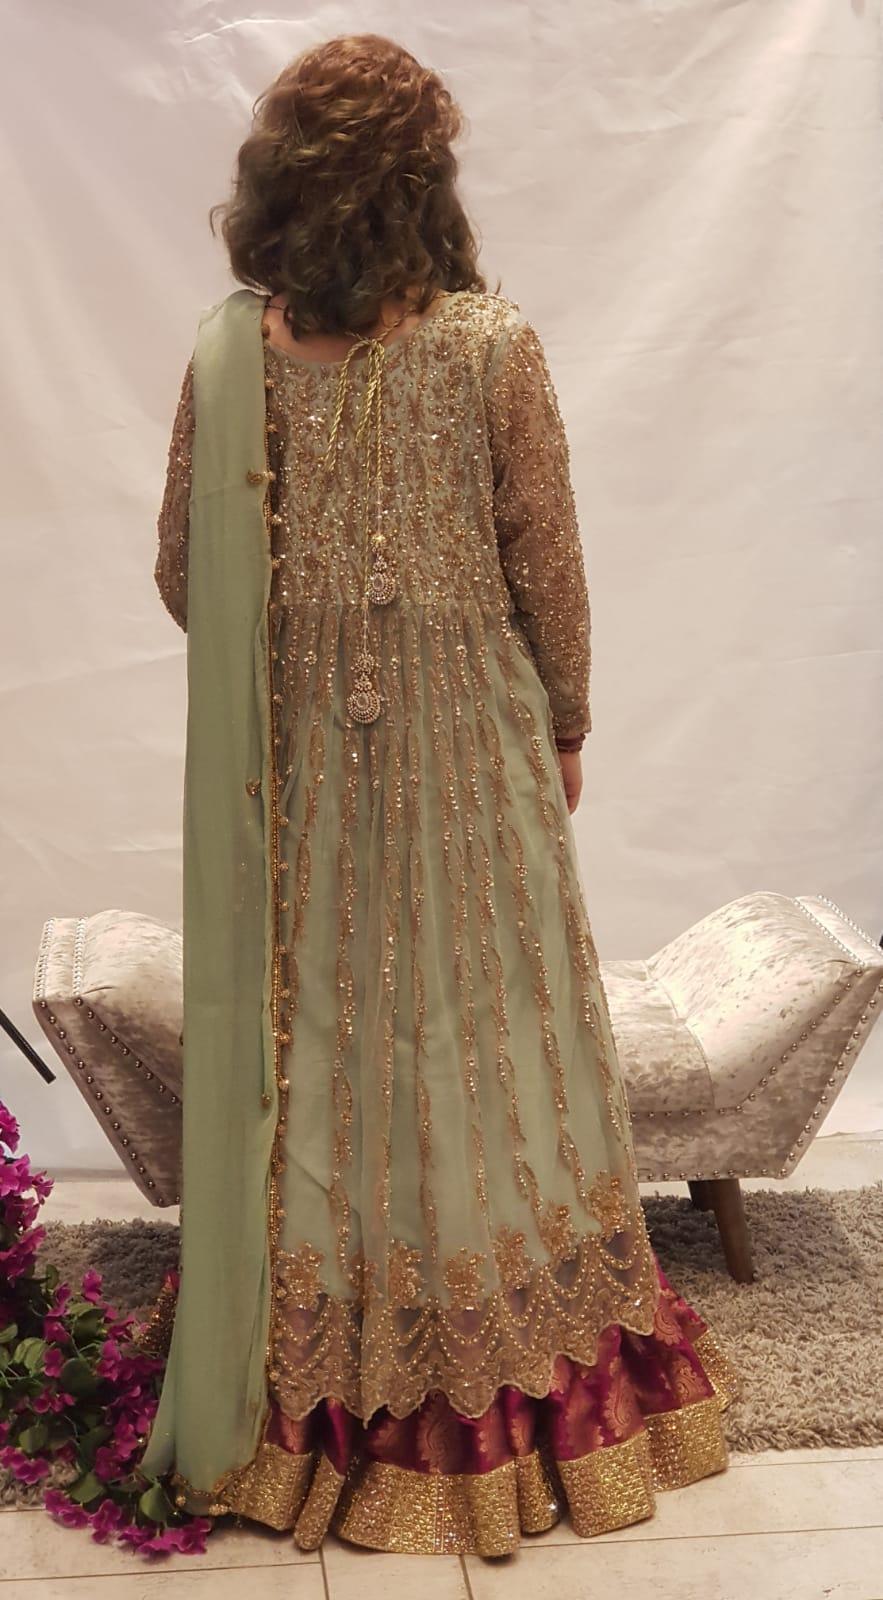 d1e84e6bcd Ice Blue Lehnga Dress - Sarah Zaaraz London Fashion Designer   Pakistani Dress  Designer   Bridal Dresses